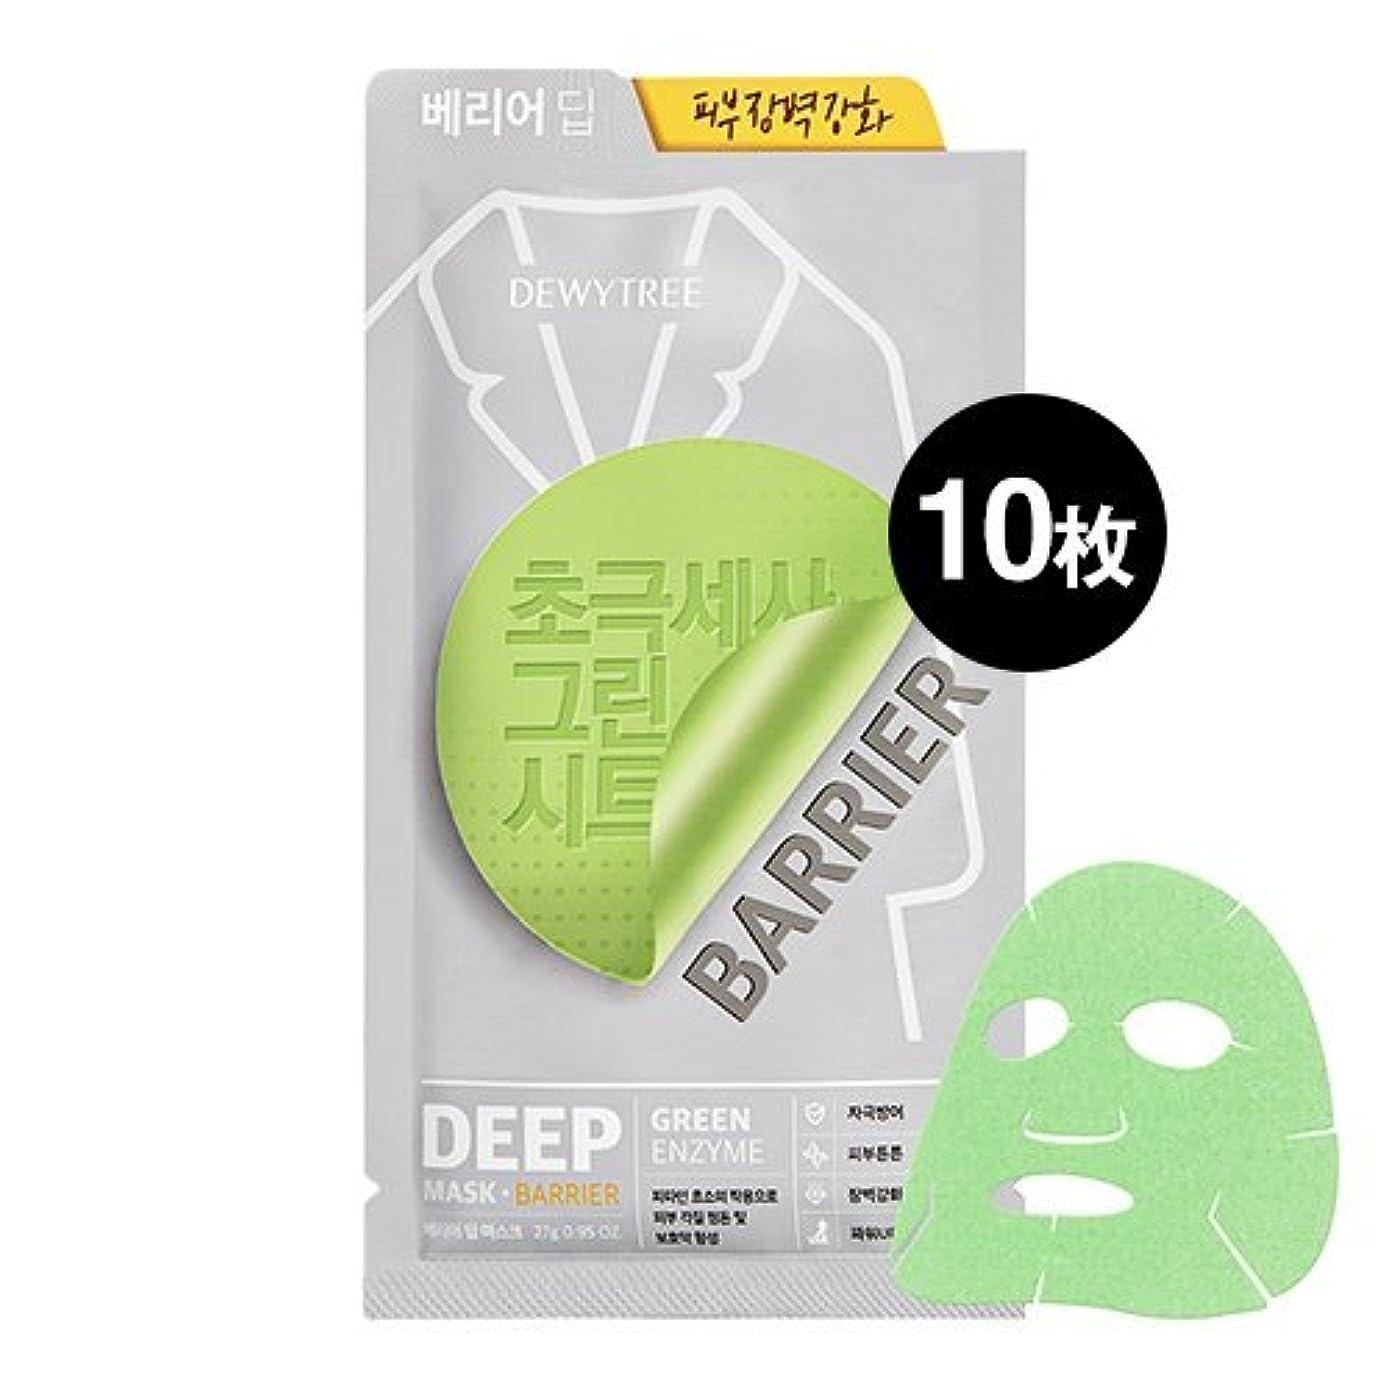 道に迷いました不毛の拮抗する(デューイトゥリー) DEWYTREE バリアディープマスク 10枚 Barrier Deep Mask 韓国マスクパック (並行輸入品)